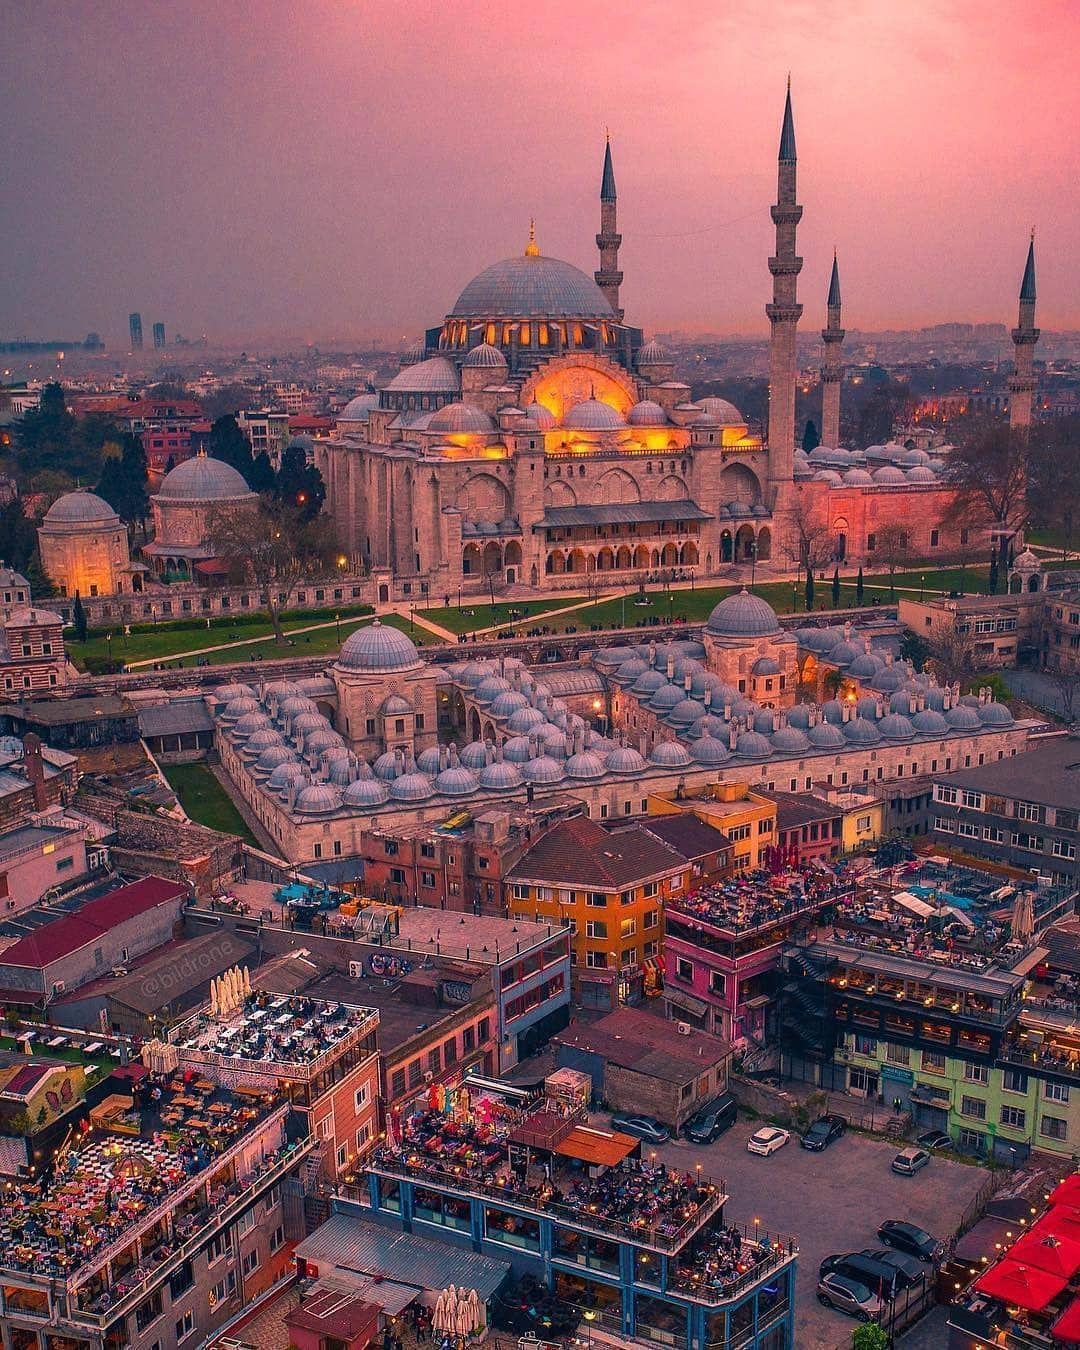 اسطنبول تركيا السياحه السعودية الكويت العراق سبانجا عدسة تركيا اوزنجول طرابزون الشمال ال Istanbul Travel Istanbul City Istanbul Photography